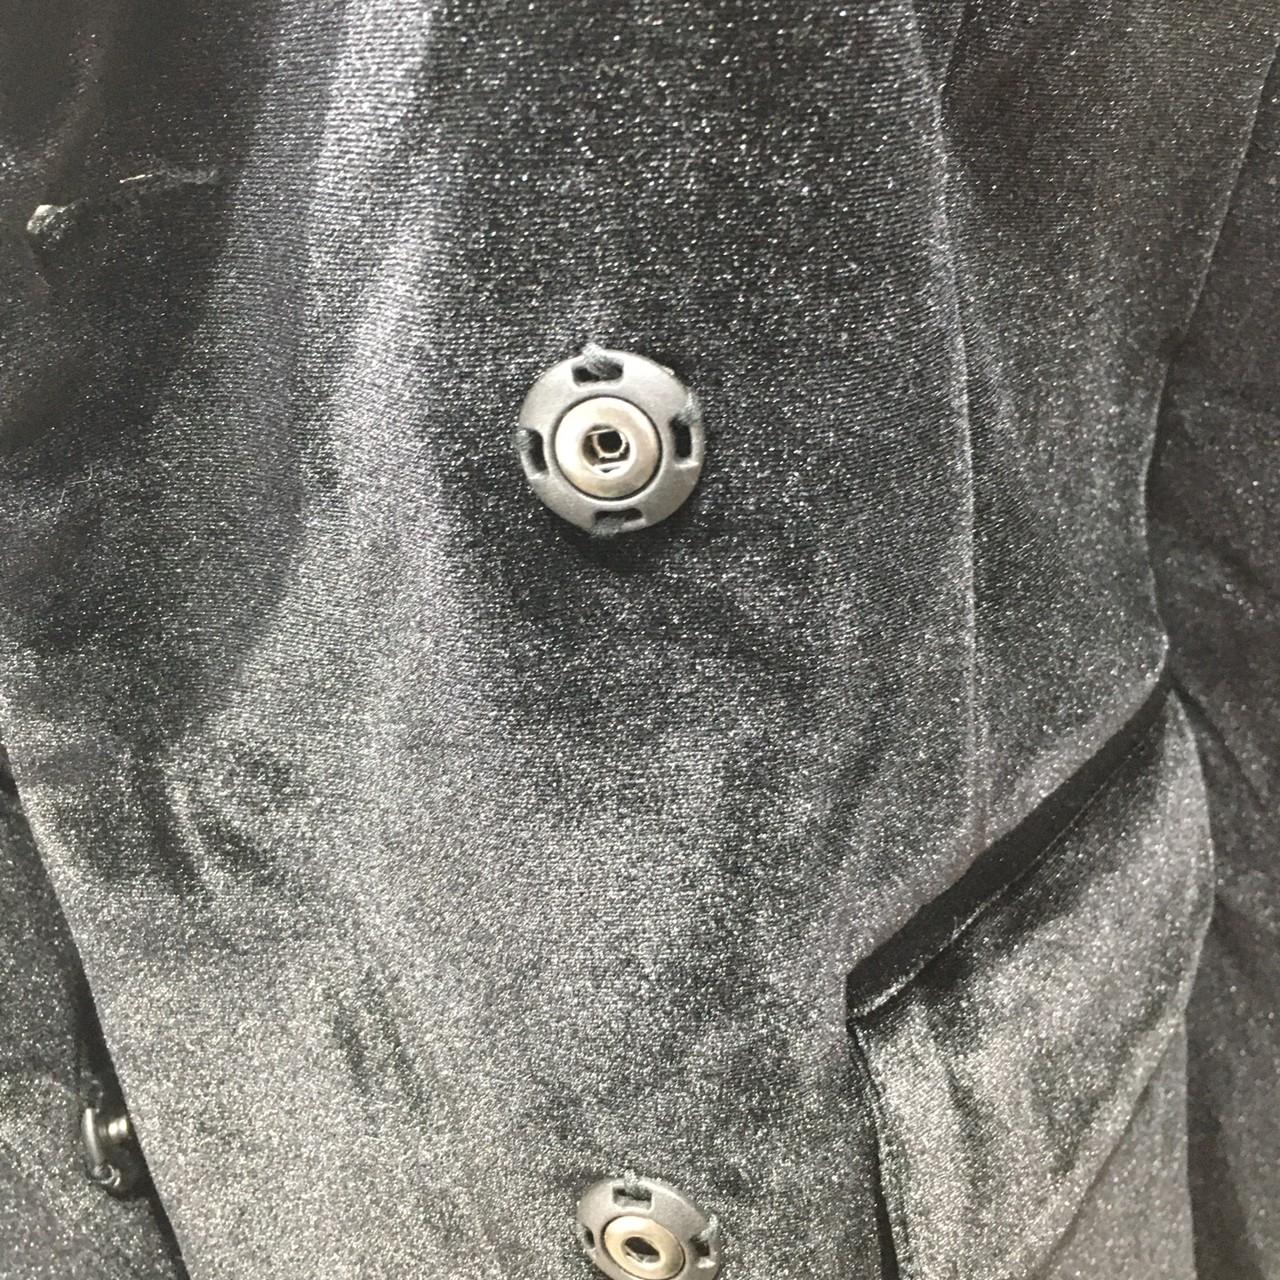 【即納】韓国 ファッション パンツ セットアップ パーティードレス 結婚式 お呼ばれドレス 秋 冬 パーティー ブライダル SPTXH554  起毛 ドレープ テーラードジャ 二次会 セレブ きれいめの写真16枚目